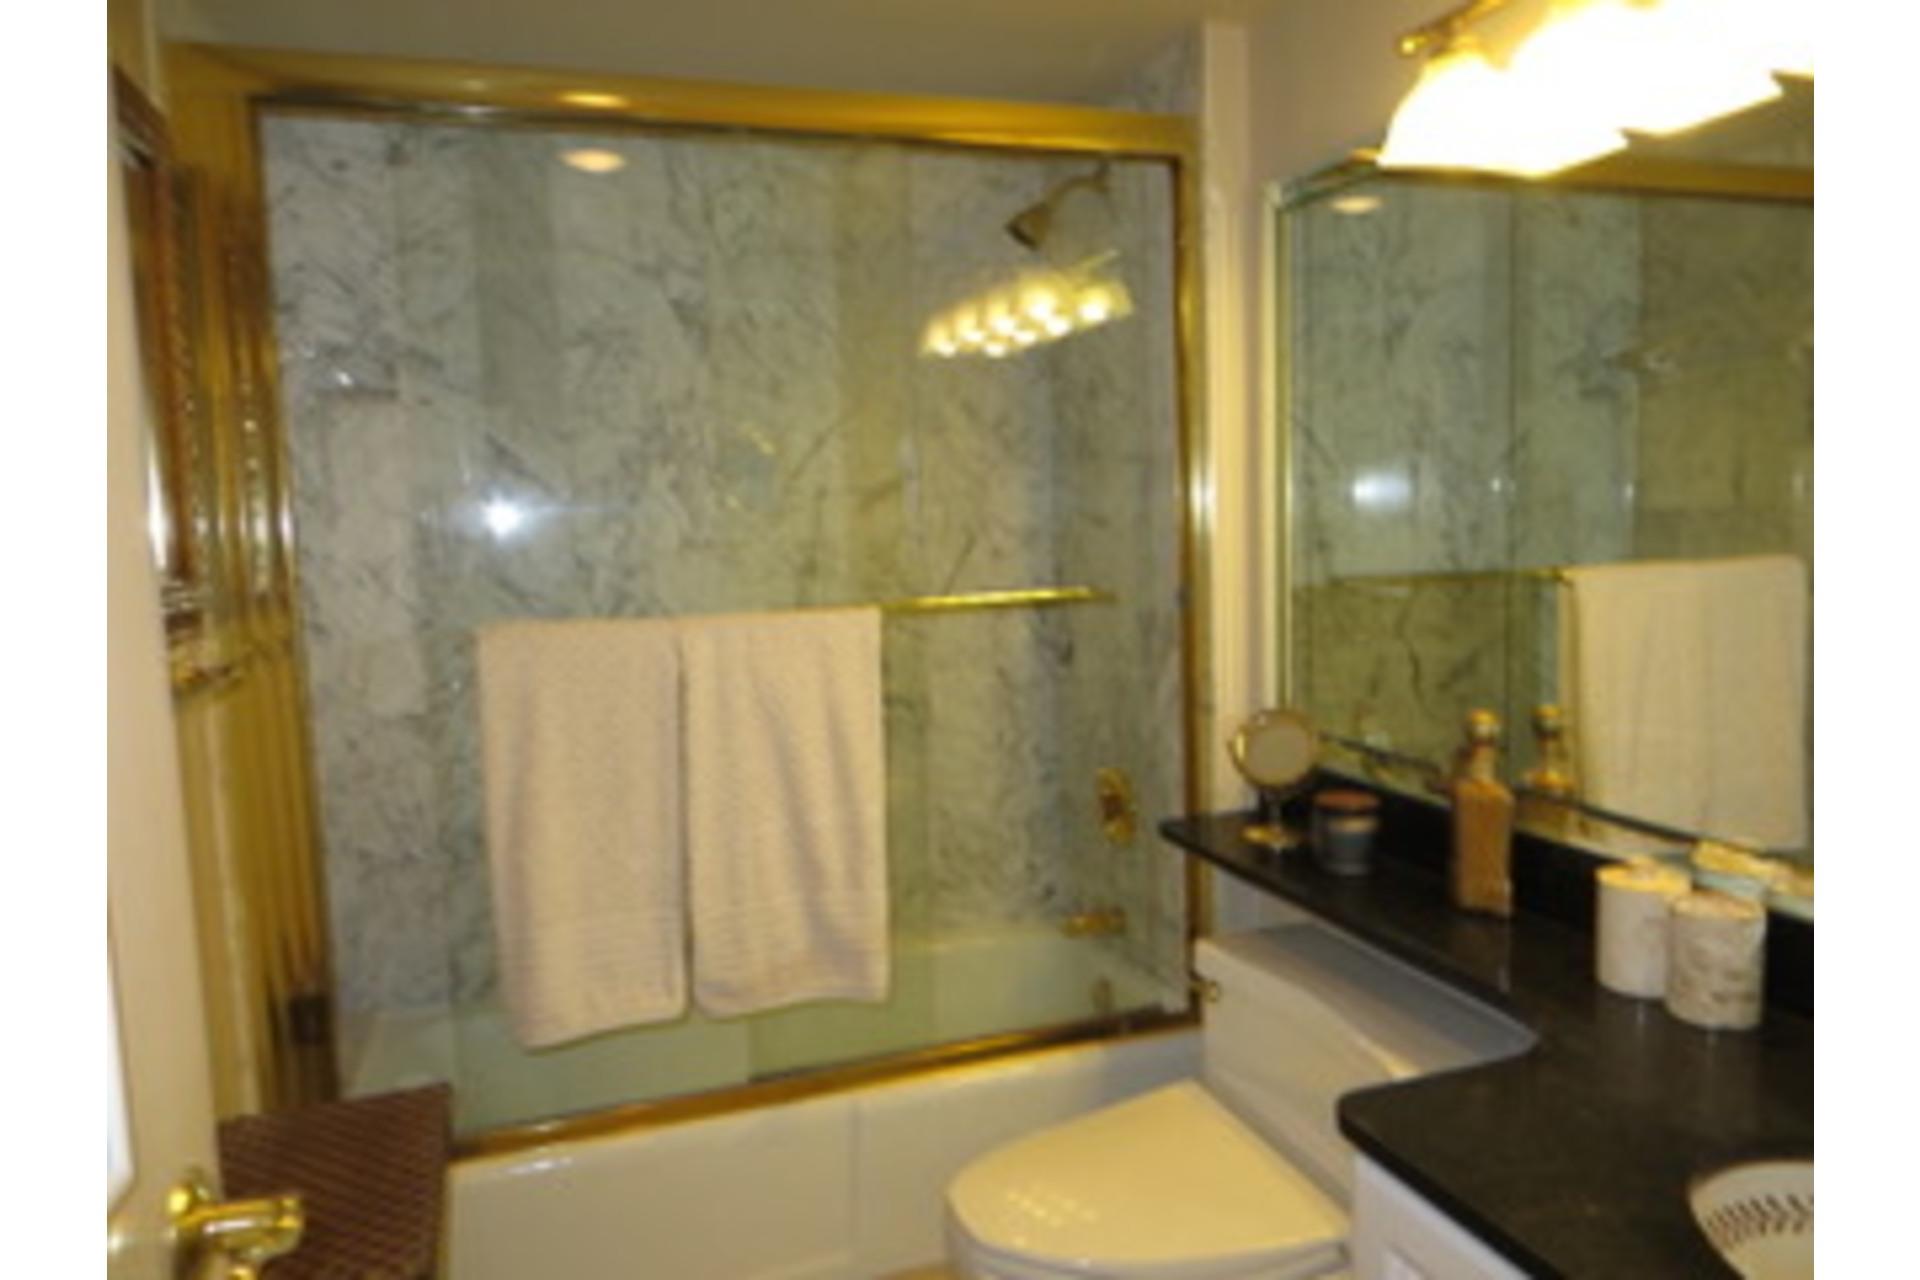 image 27 - Condo Short rental Hallandale Beach - 6 rooms